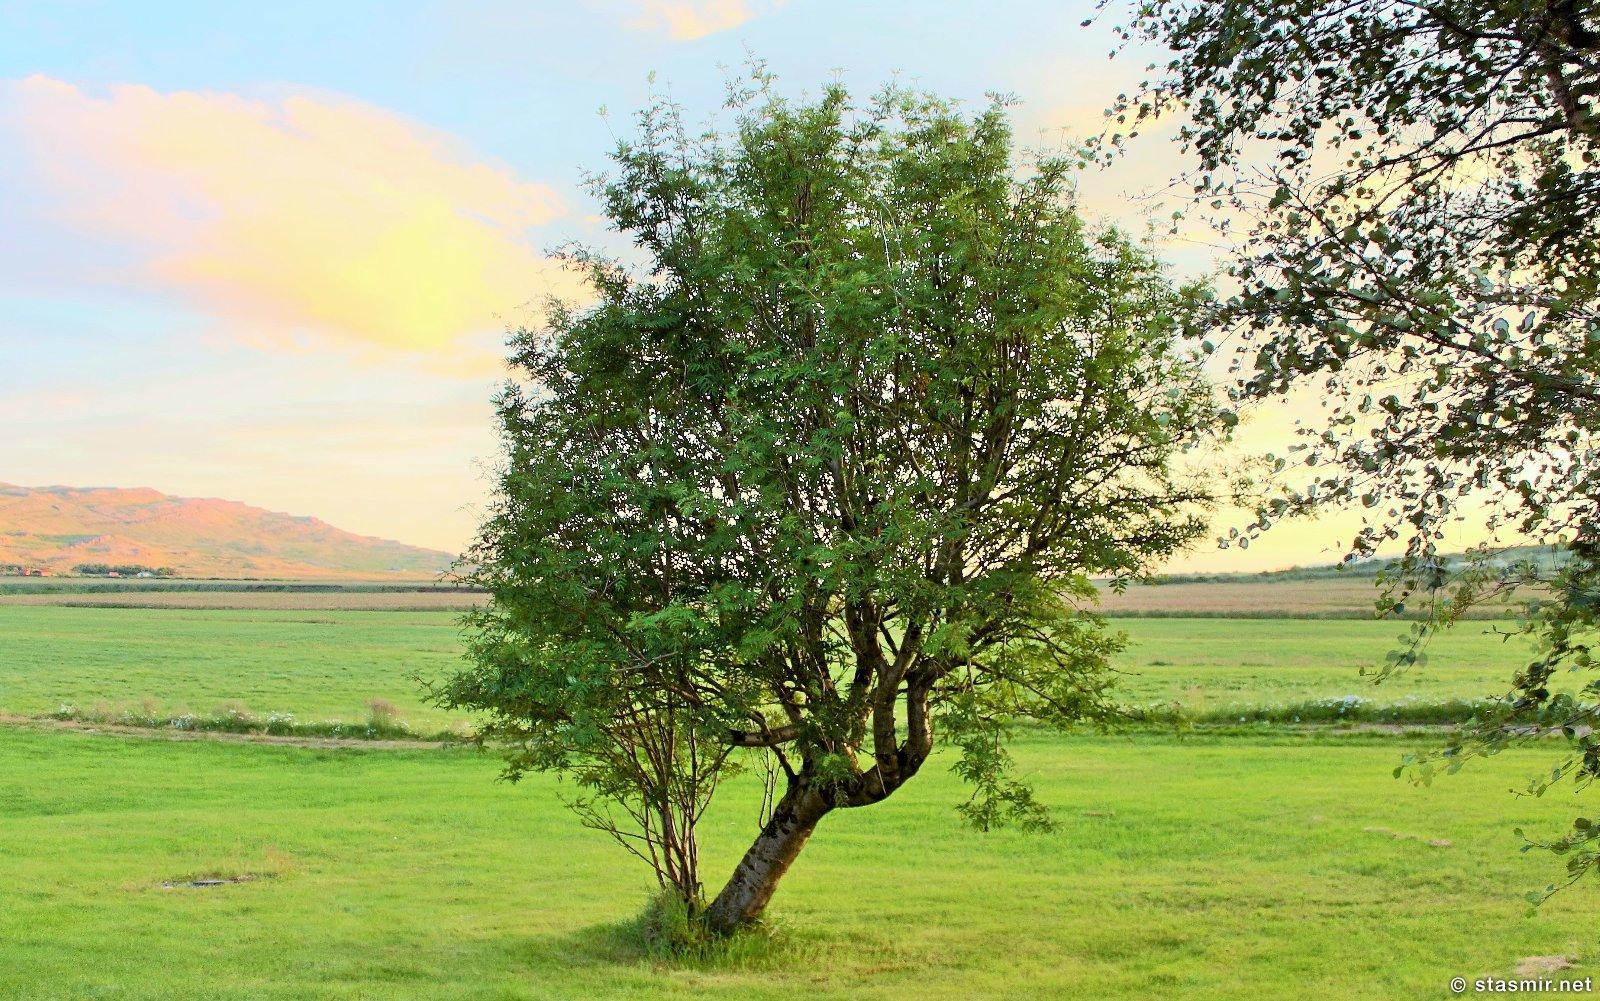 Могучие деревья на ферме Нес, Рейкхольт, фото Стасмир, photo Stasmir, Серебряное кольцо Исландии